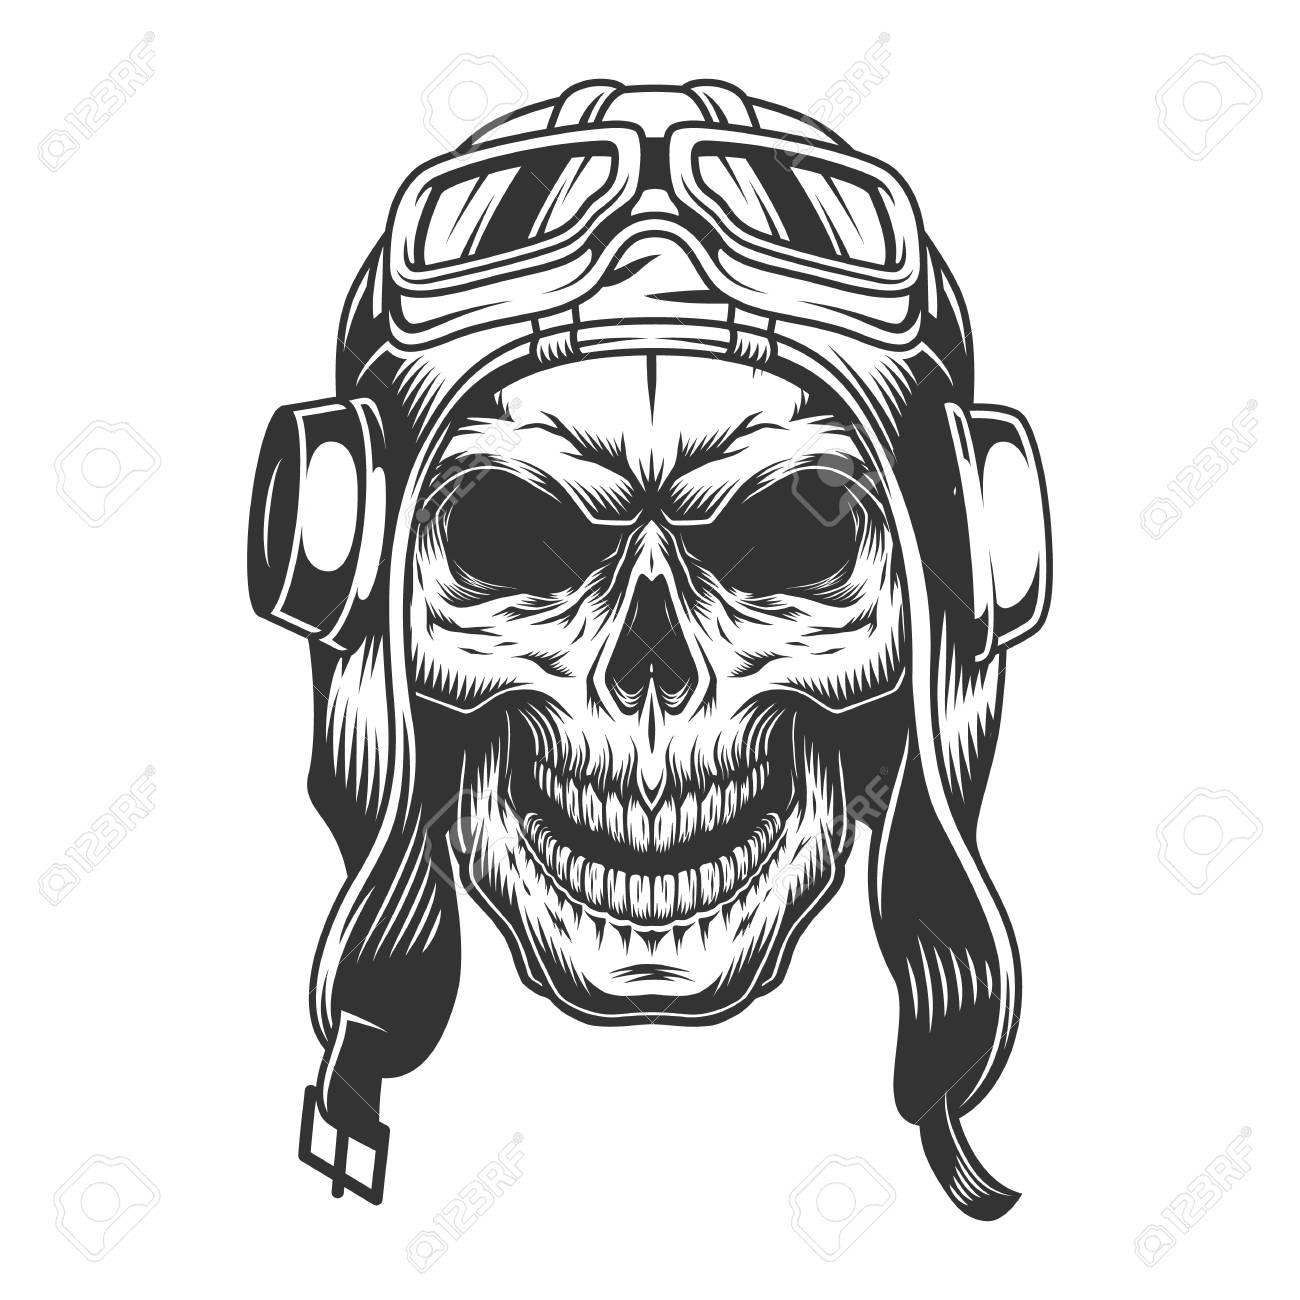 Skull in the pilot helmet. Vintage vector illlustration - 105163558